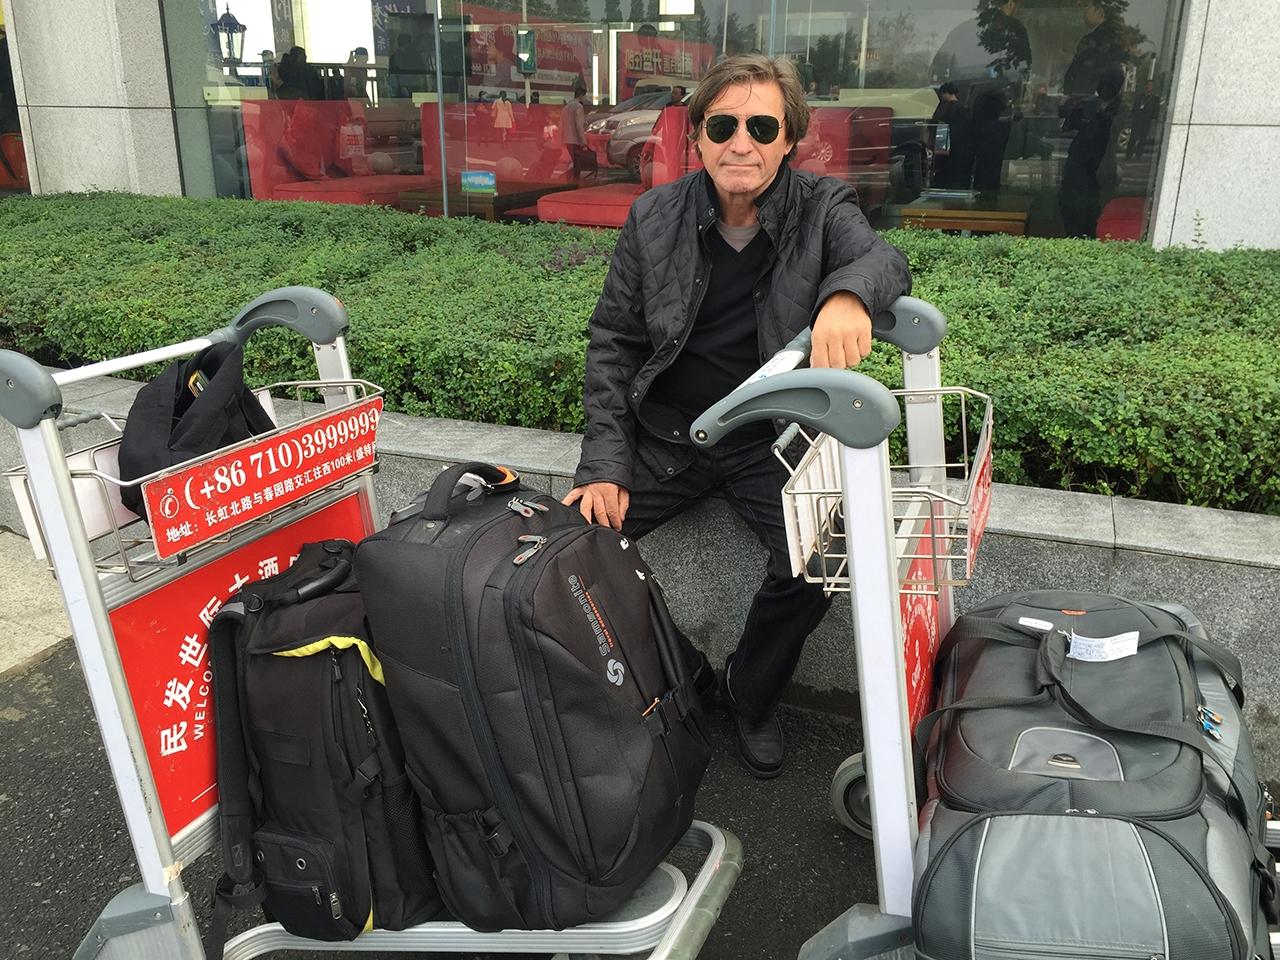 Jon Braeley at Shiyan City Airport, China. 2014